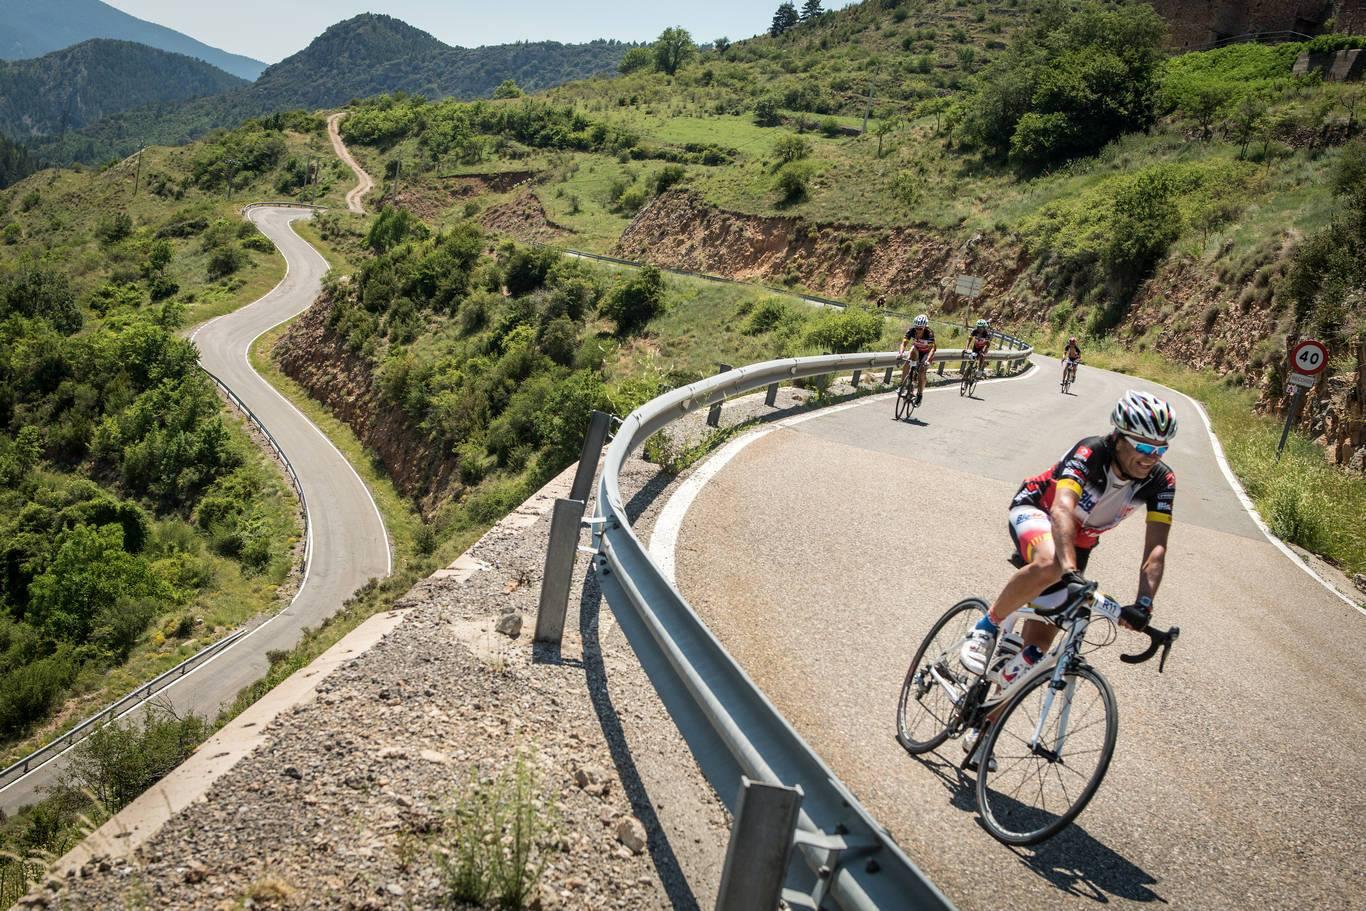 Ciclismo por Girona Sea Otter Europe JoanSeguidor